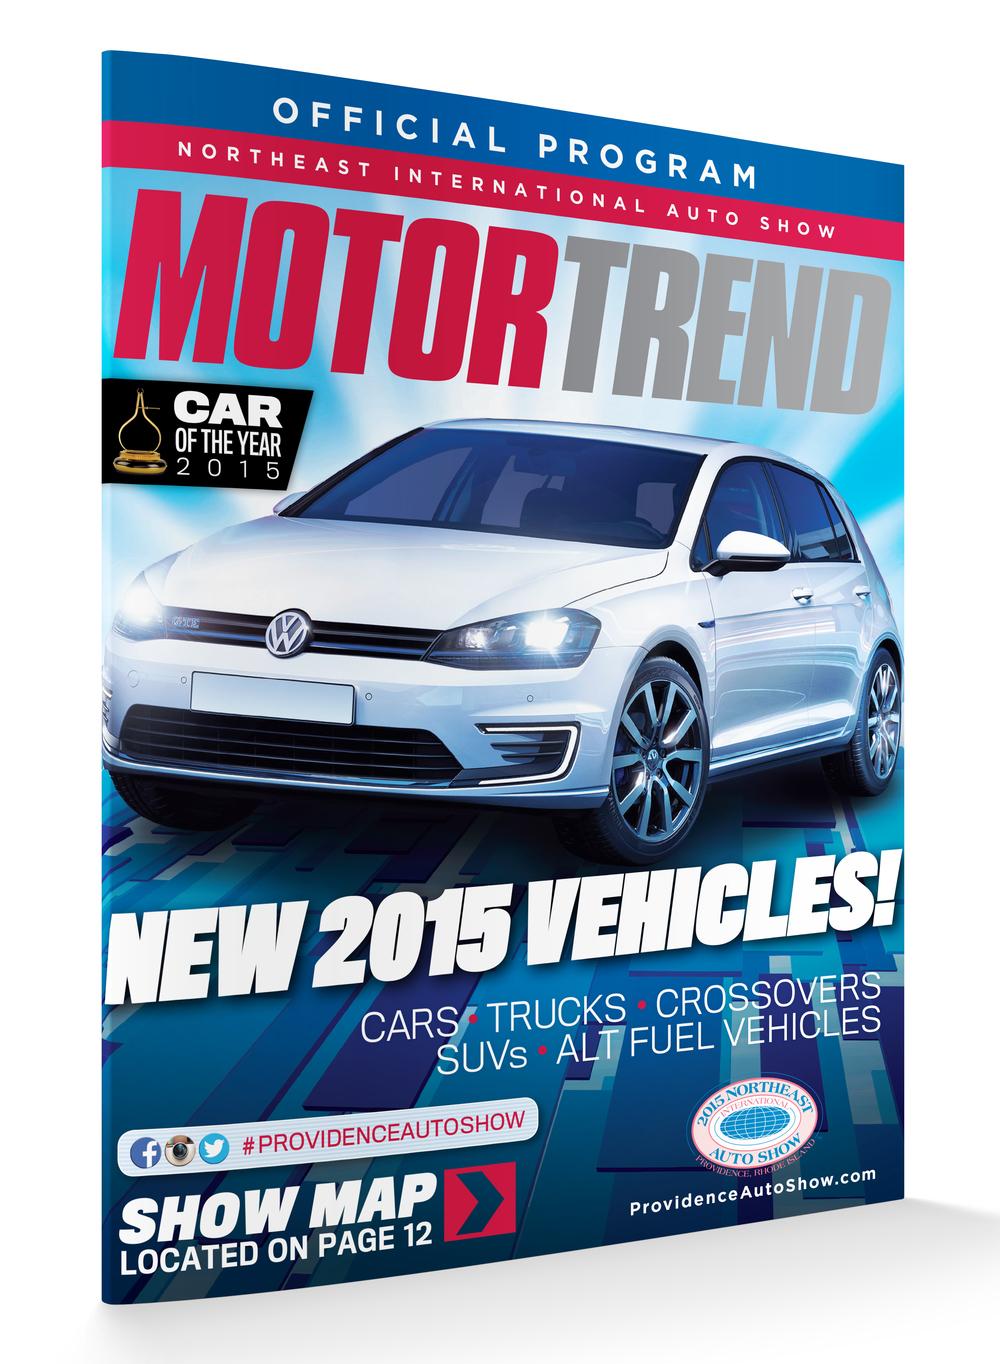 2015 Northeast International Auto Show Program Book Cover